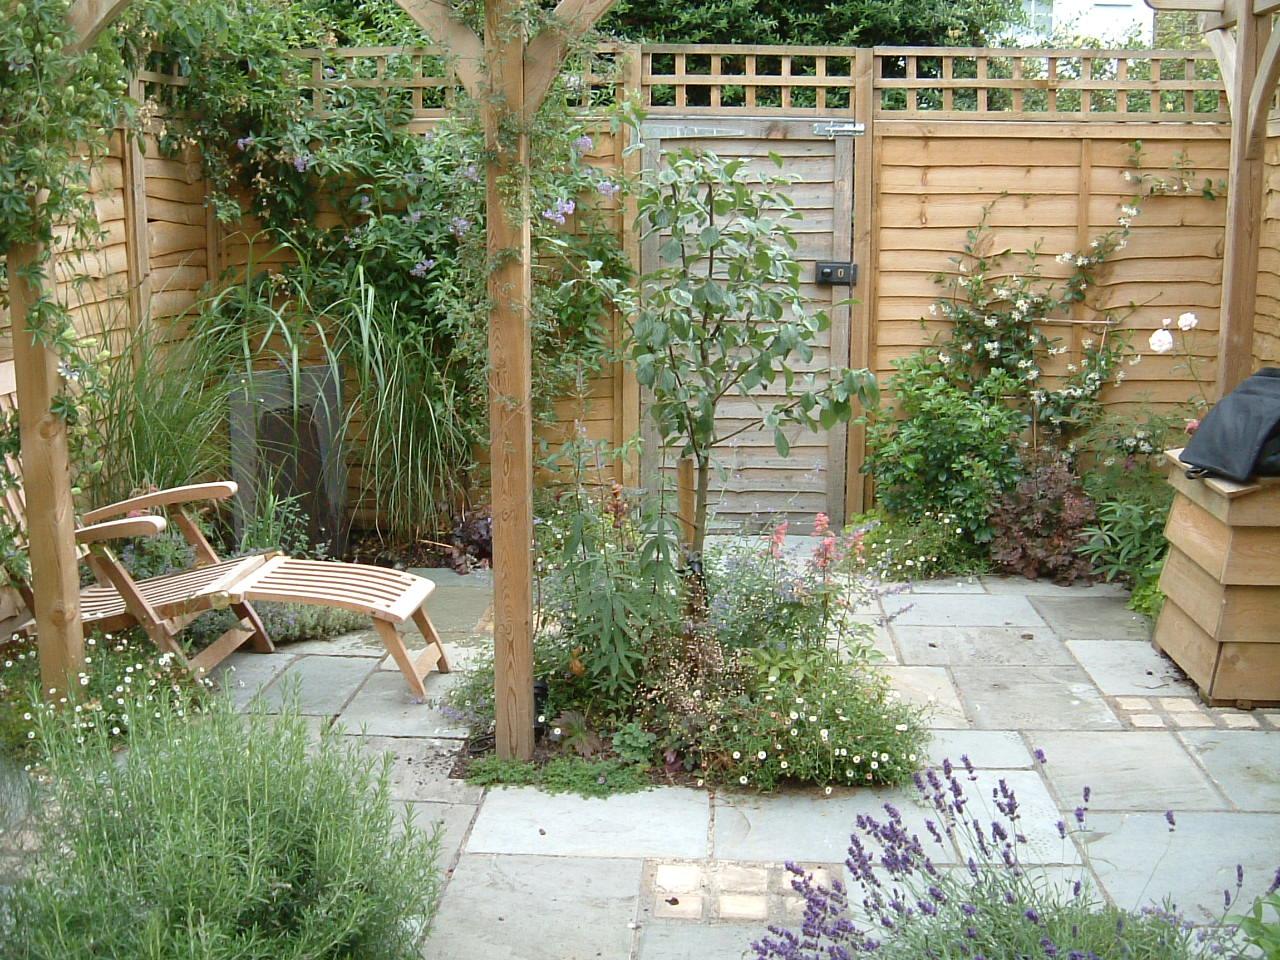 Landart Garden Design Build Ltd Landscape Contractors in East